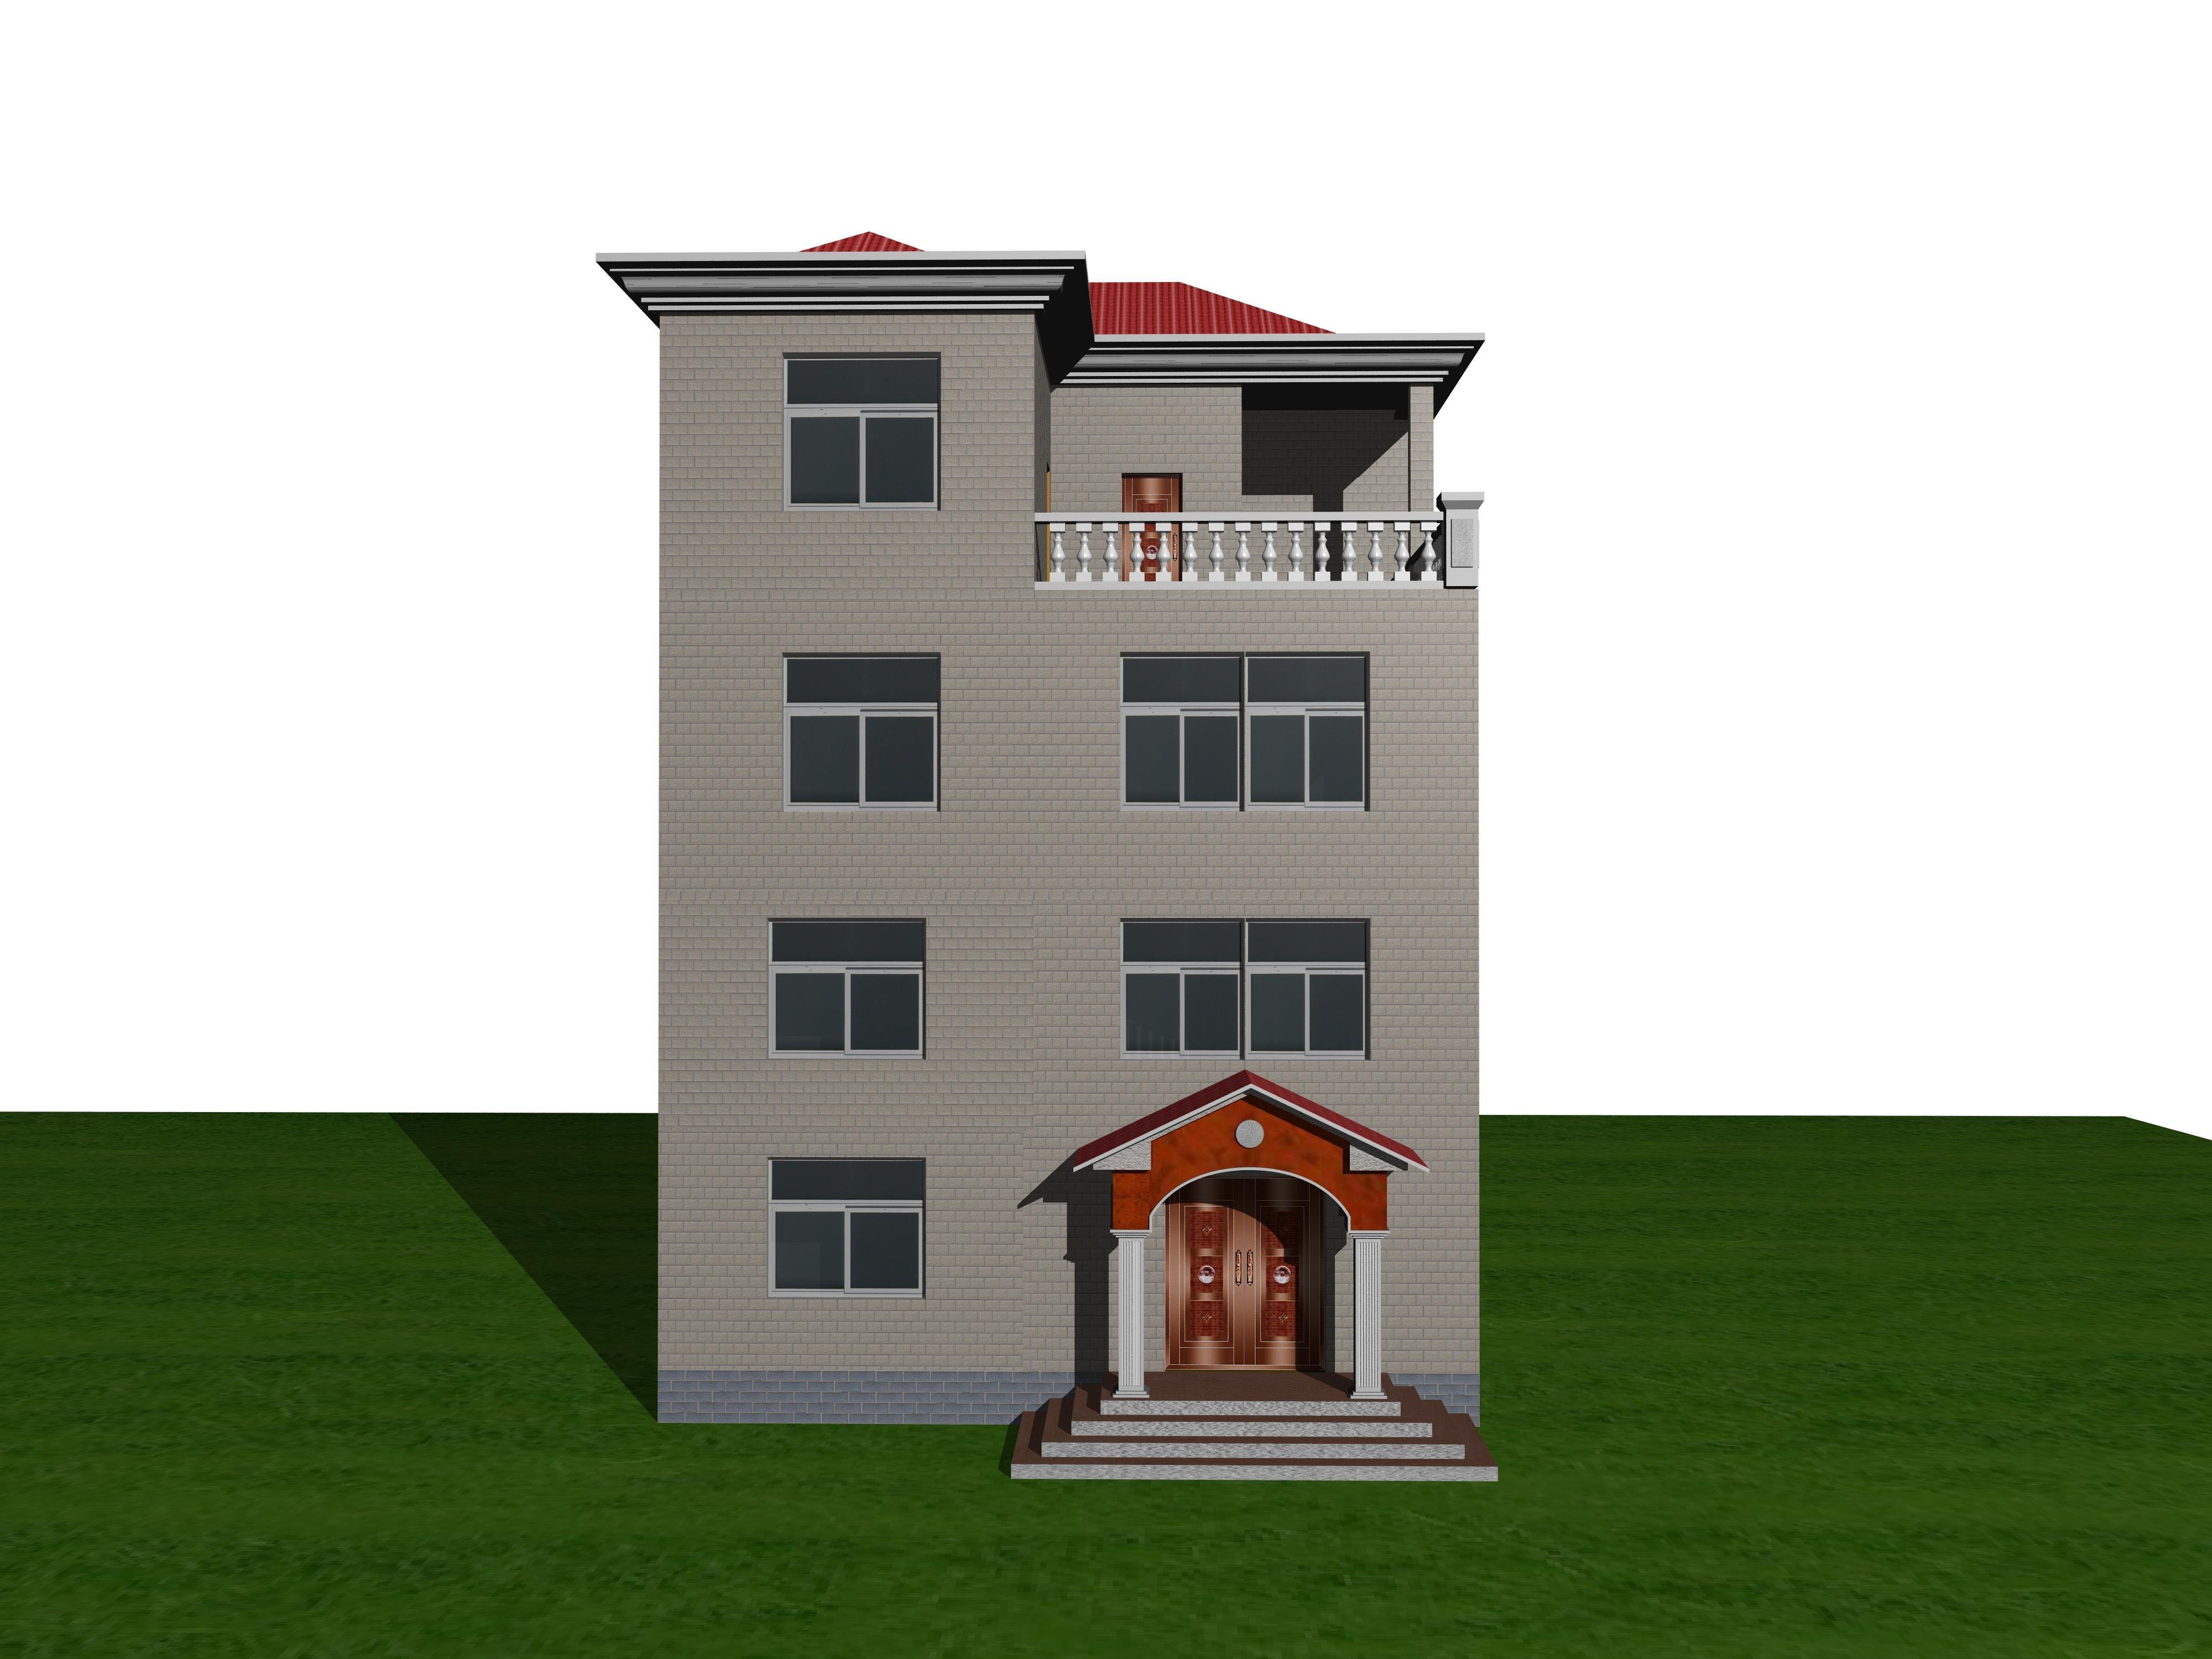 三层半房屋效果图_jxjjs的商铺案例展示_一品威客网